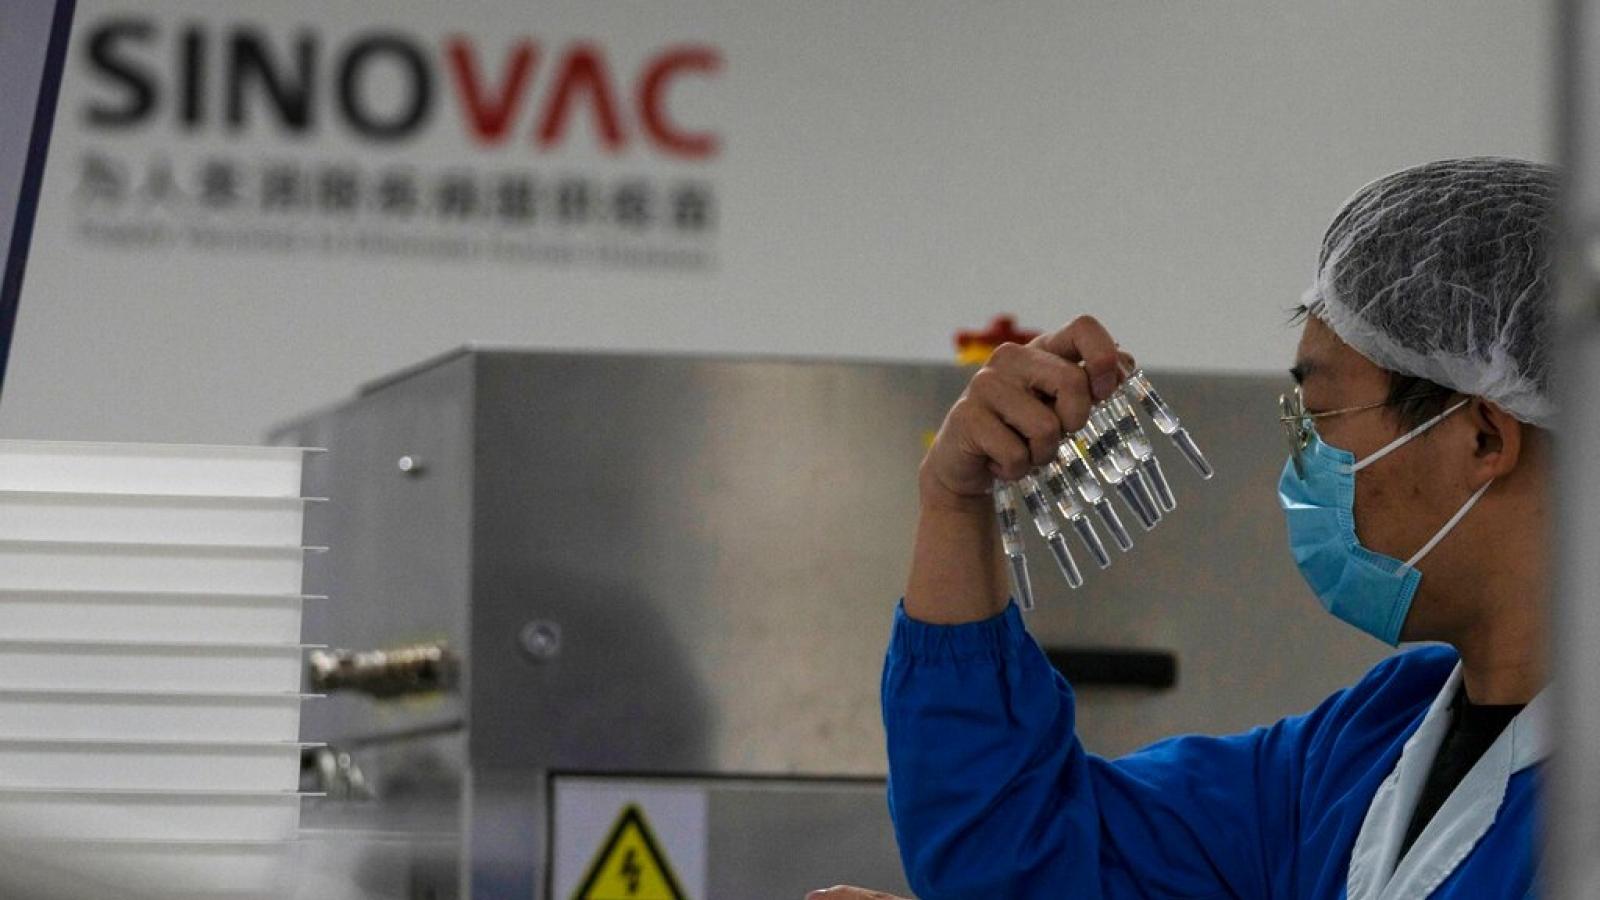 Ngoại giao vaccine của Trung Quốc gặp khó ở Singapore?